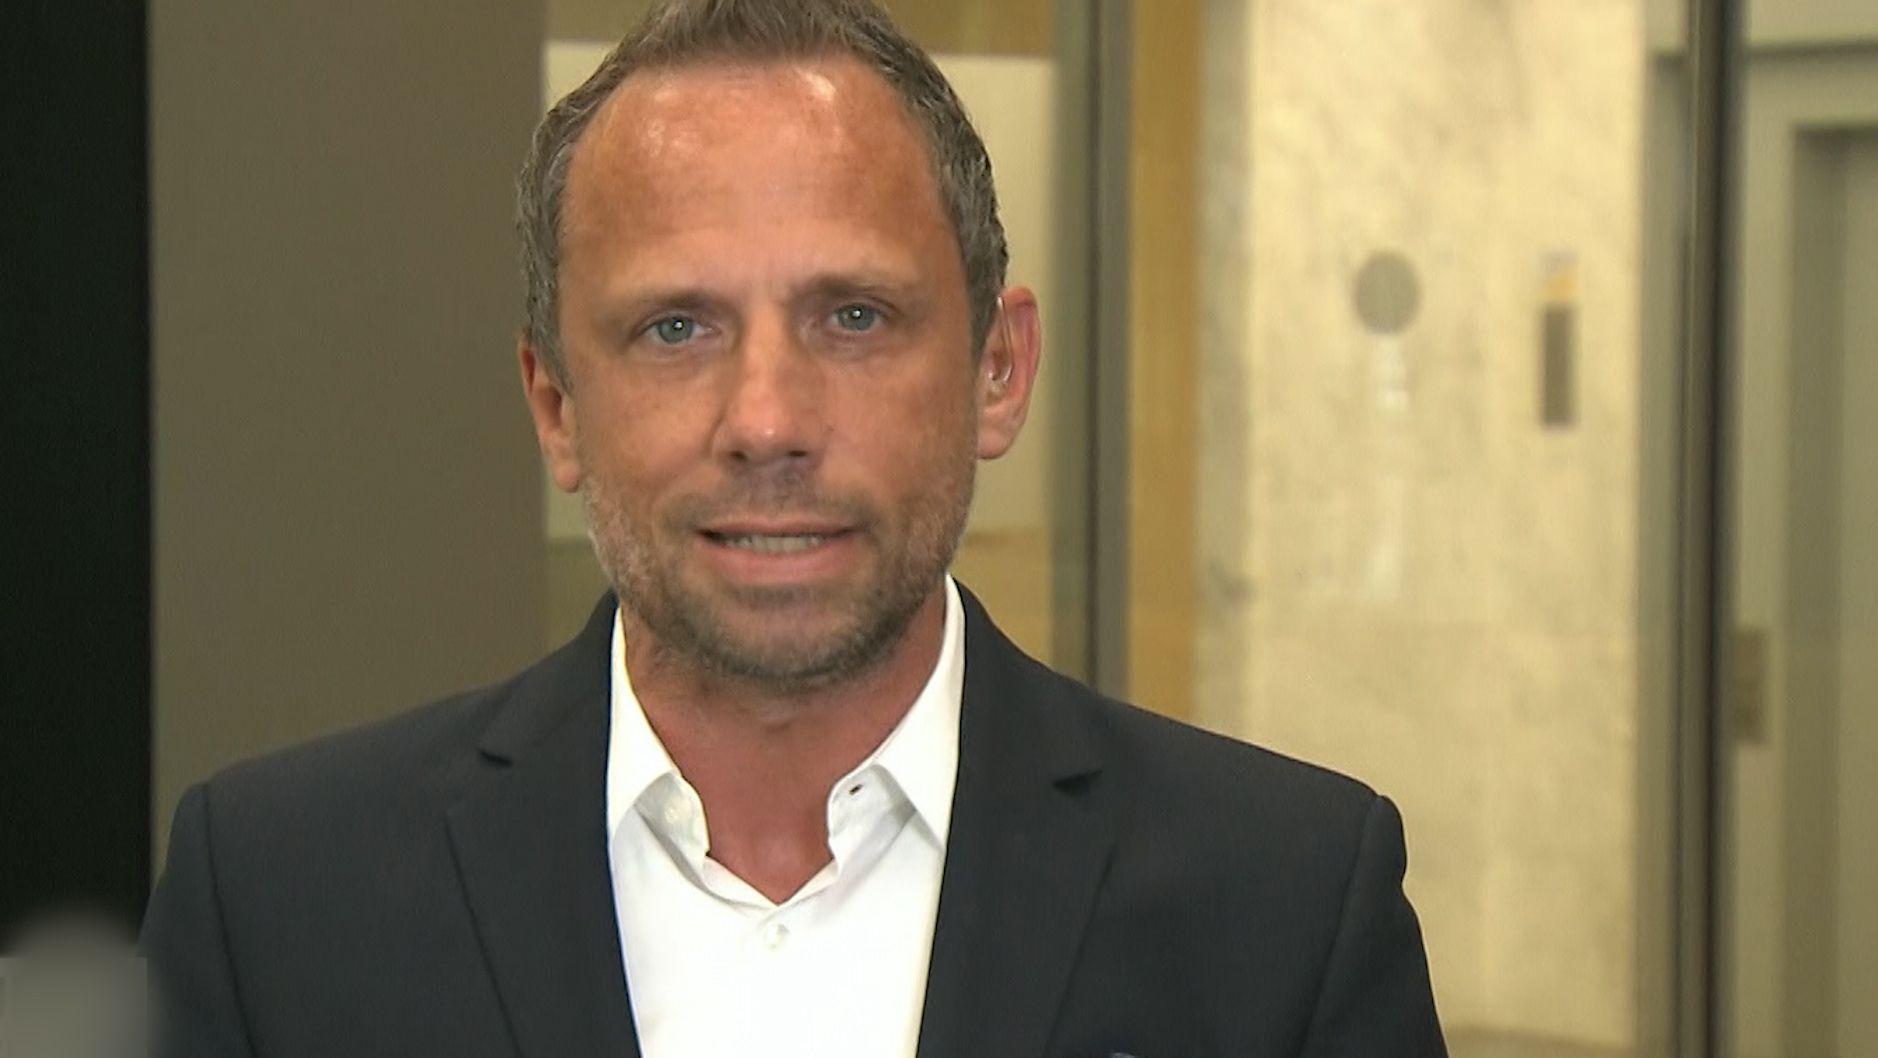 Thorsten Glauber begrüßt das Urteil des Bundesverwaltungsgerichts zum Töten von männlichen Küken.